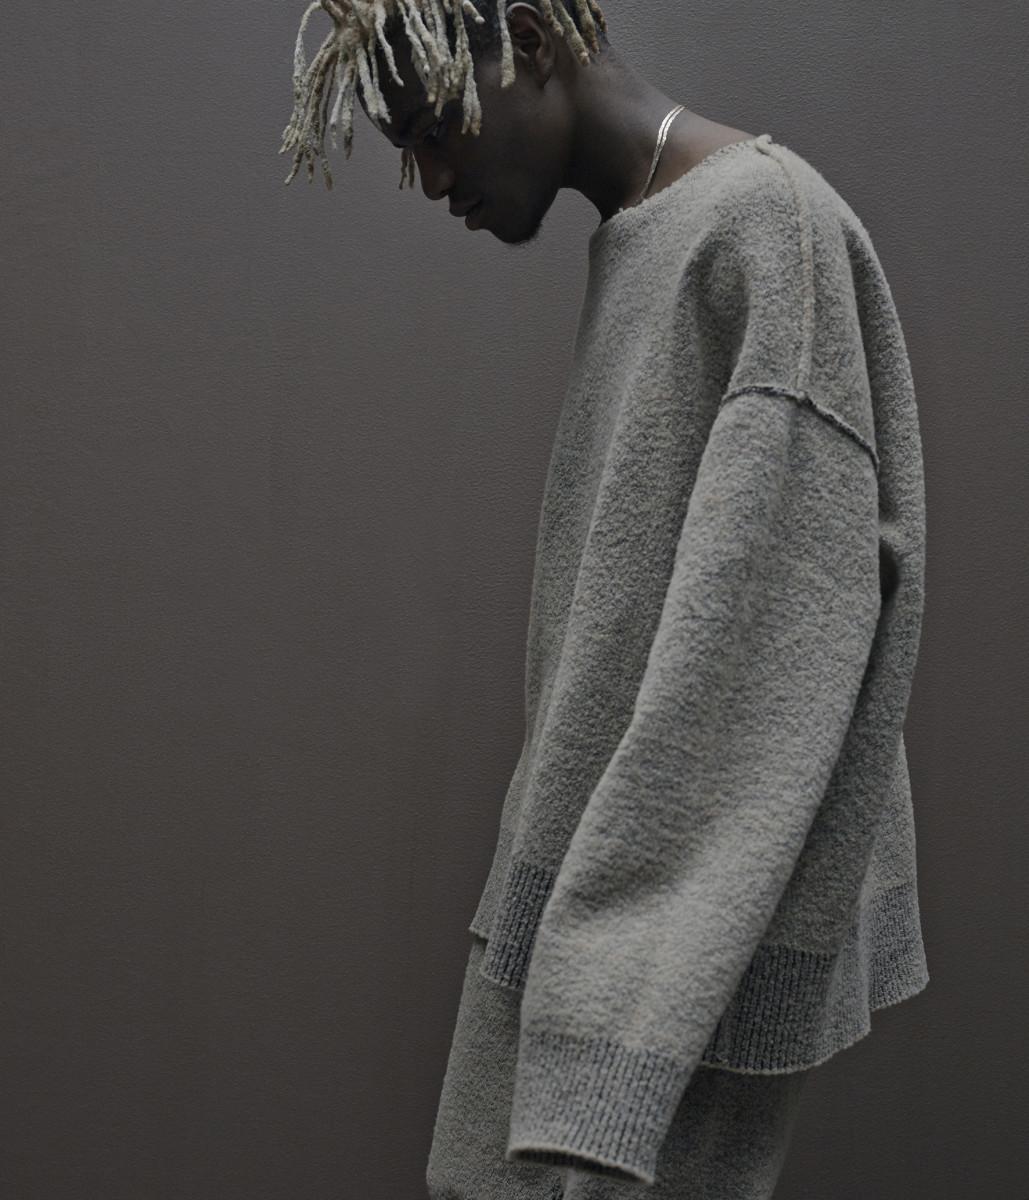 Ian Connor modeling Yeezy Season 1. Photo: Adidas